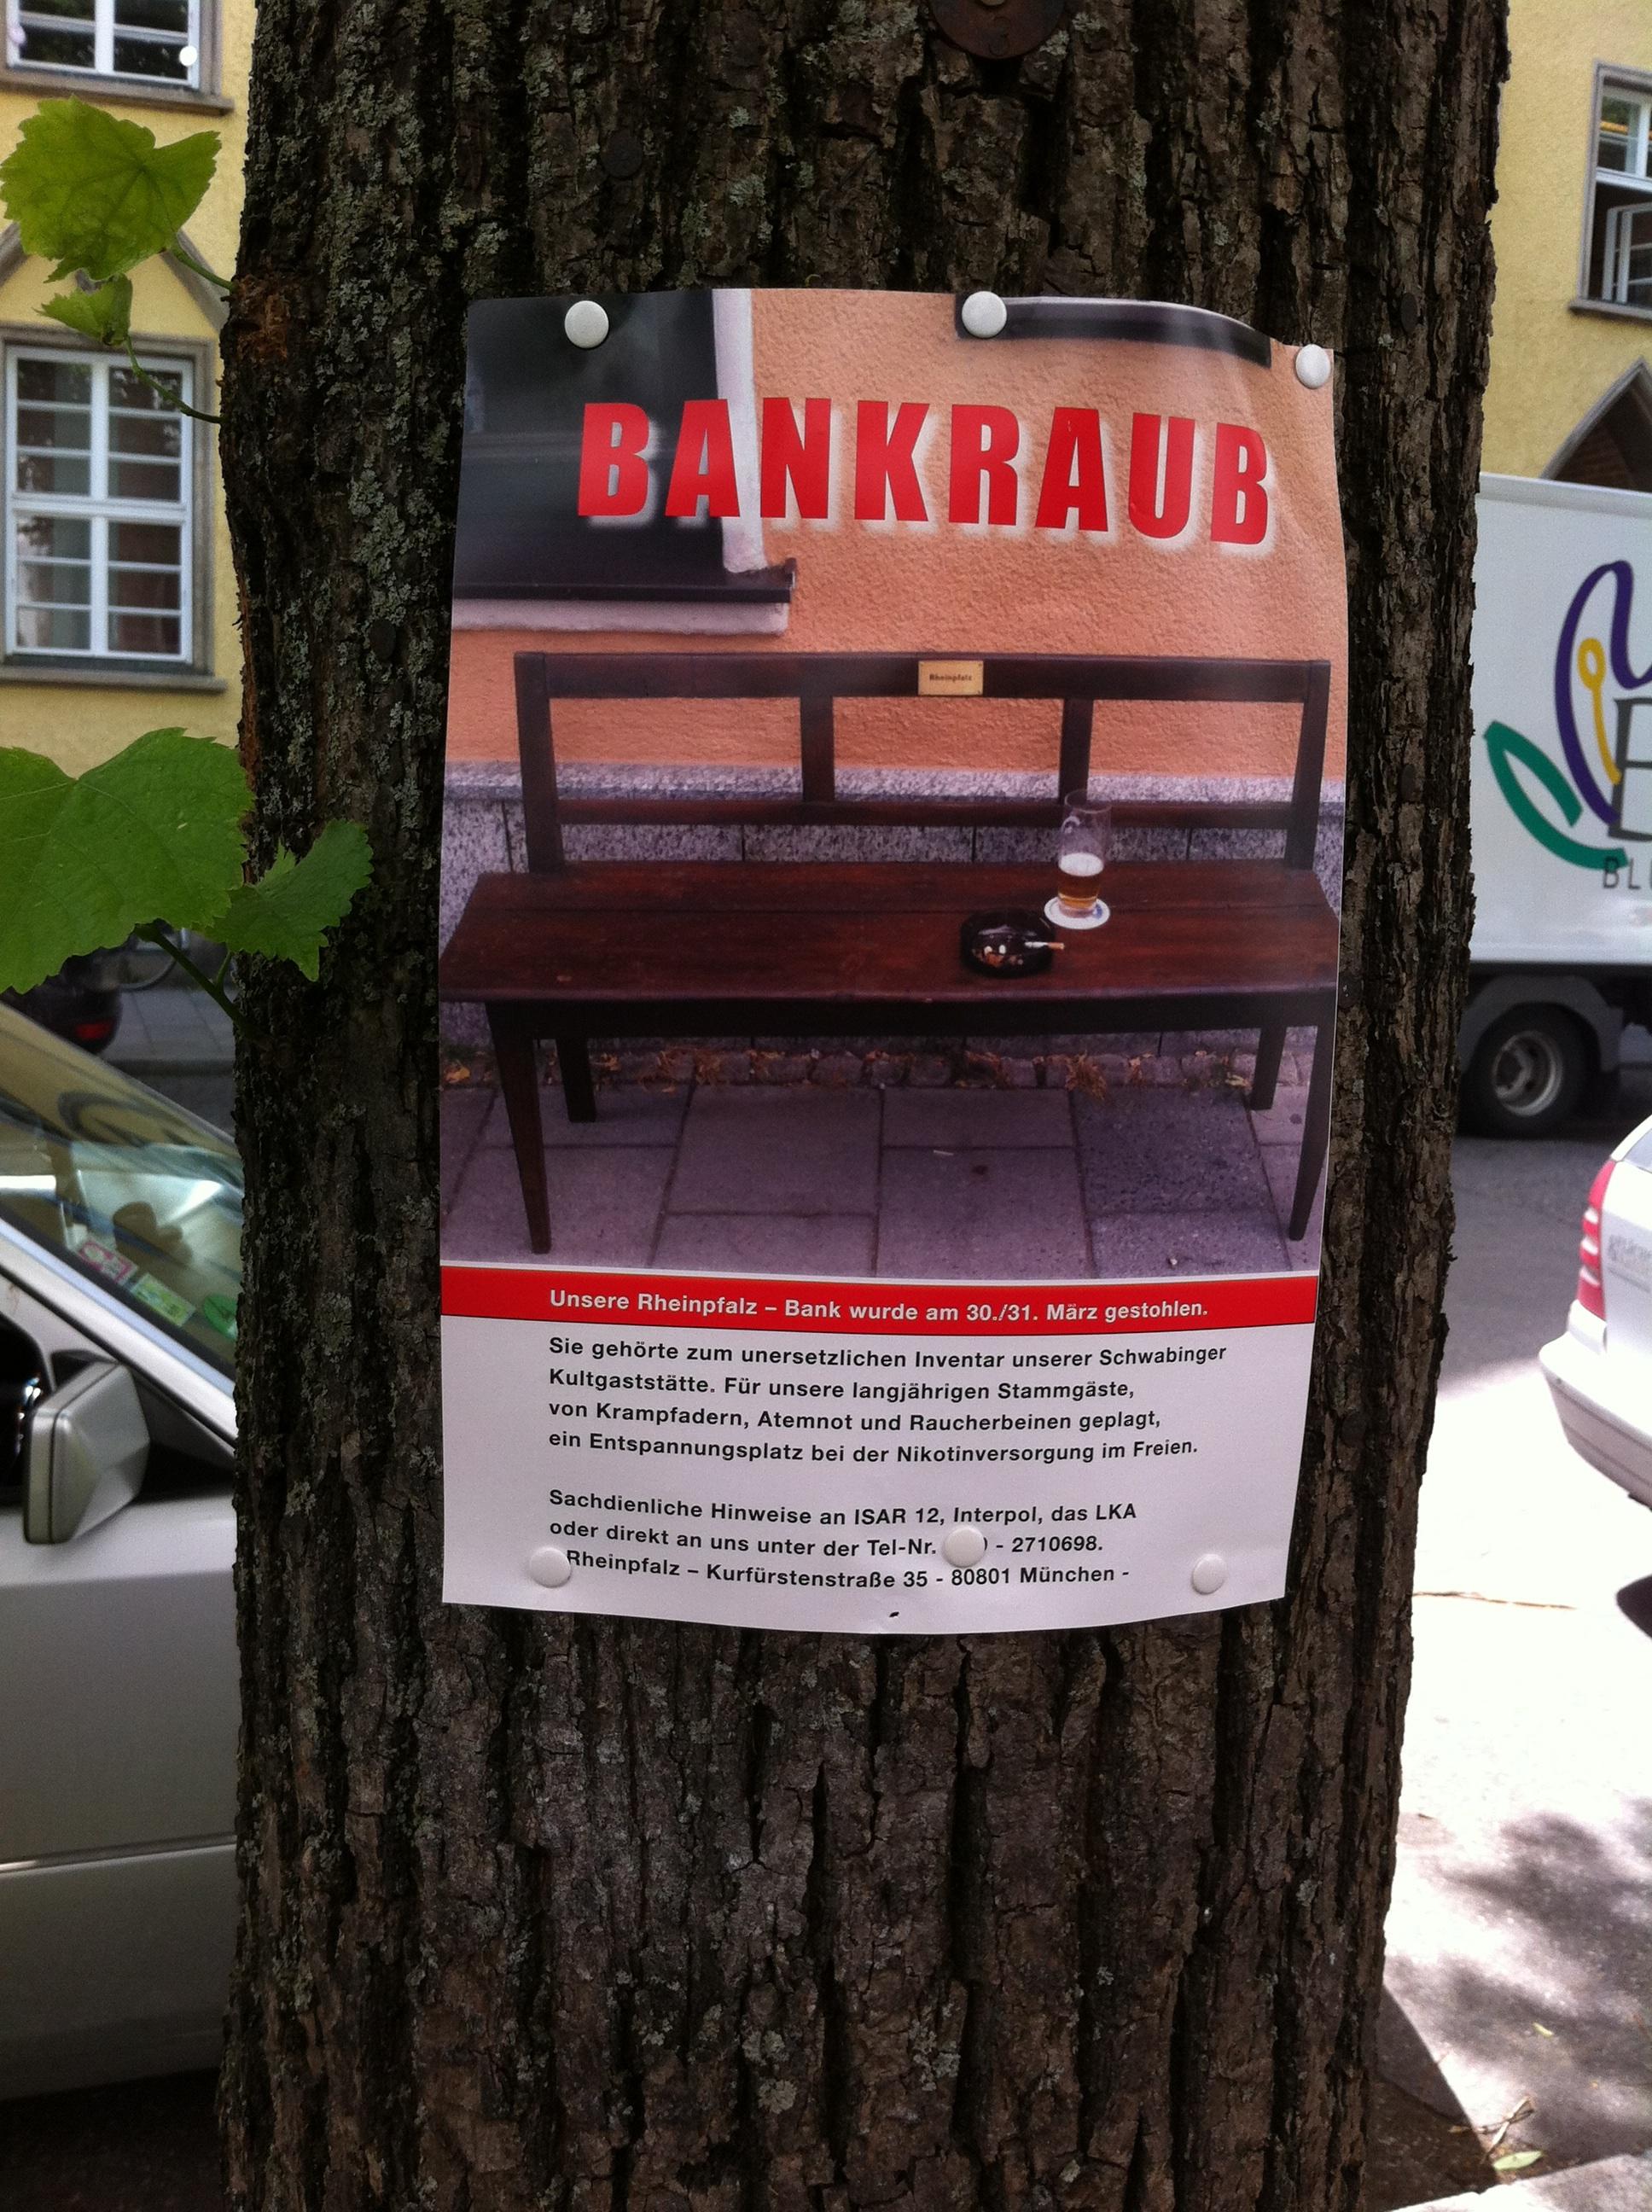 Bankraub – Eine Schwabinger Kultkneipe bittet um Mithilfe